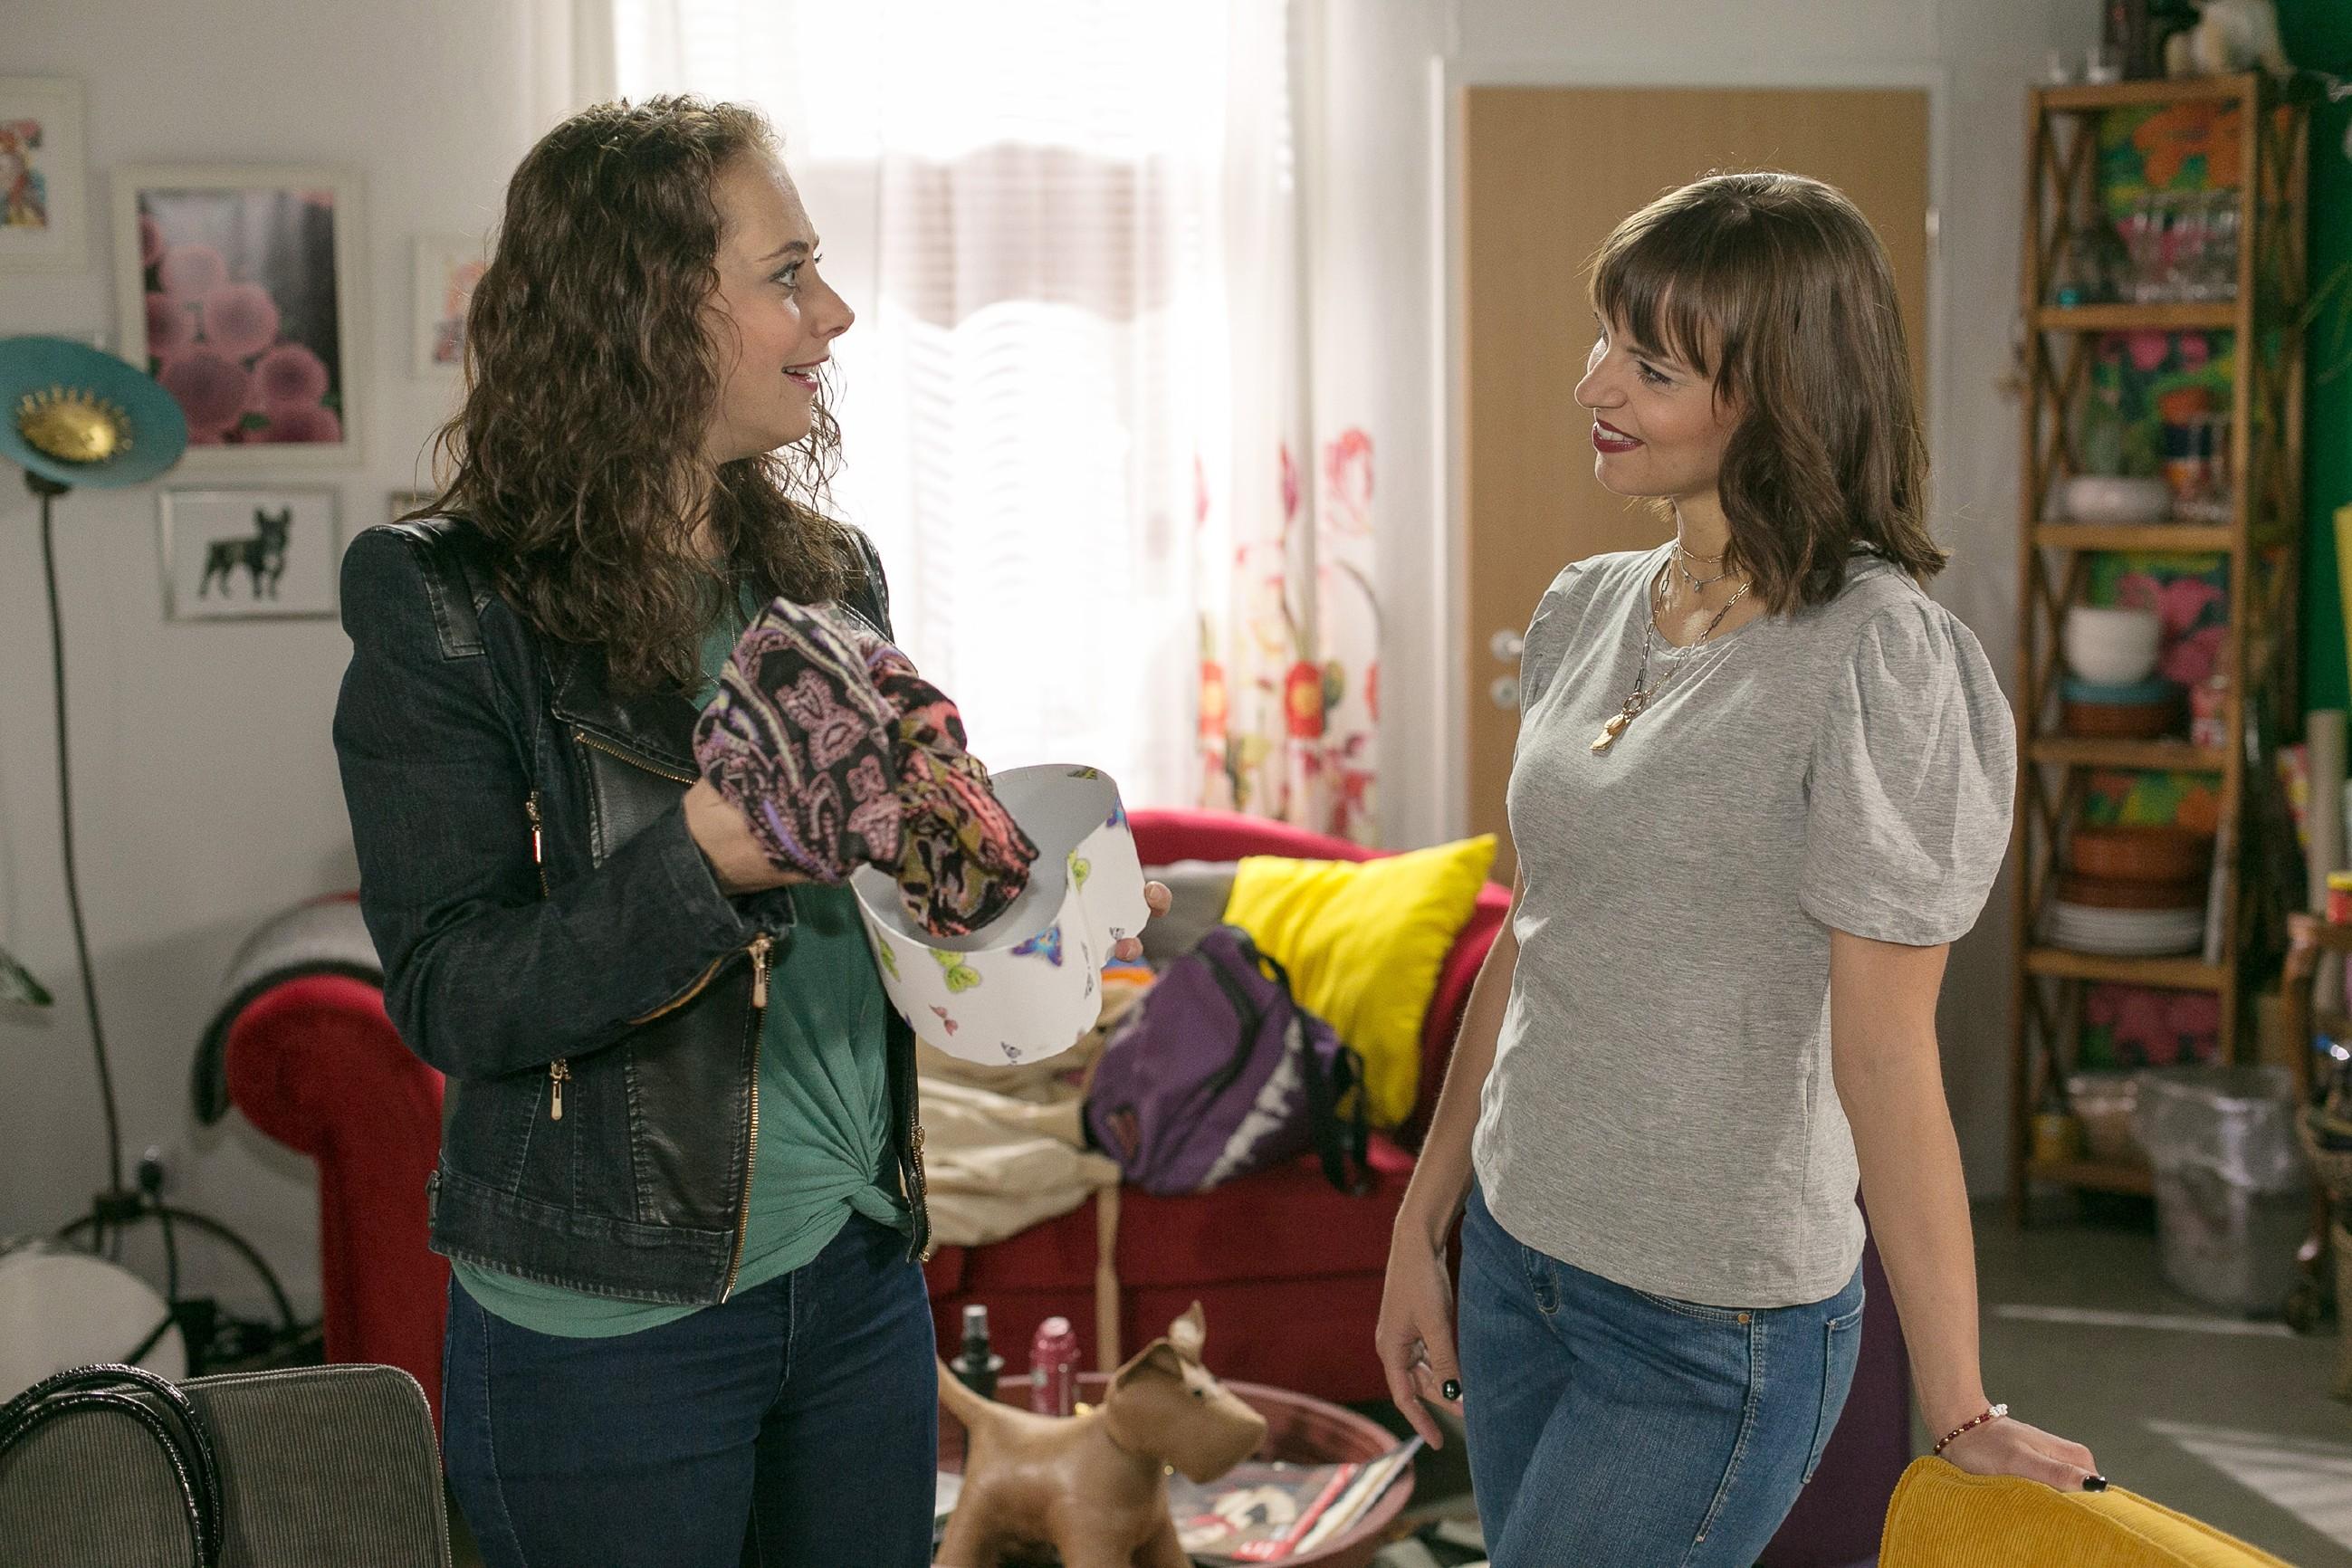 Carmen (Heike Warmuth, l.) verpasst den Moment, Michelle (Franziska Benz) die Wahrheit über den verhängnisvollen Sex mit Richard und ihren Plänen zu erzählen. (Quelle:RTL / Kai Schulz)